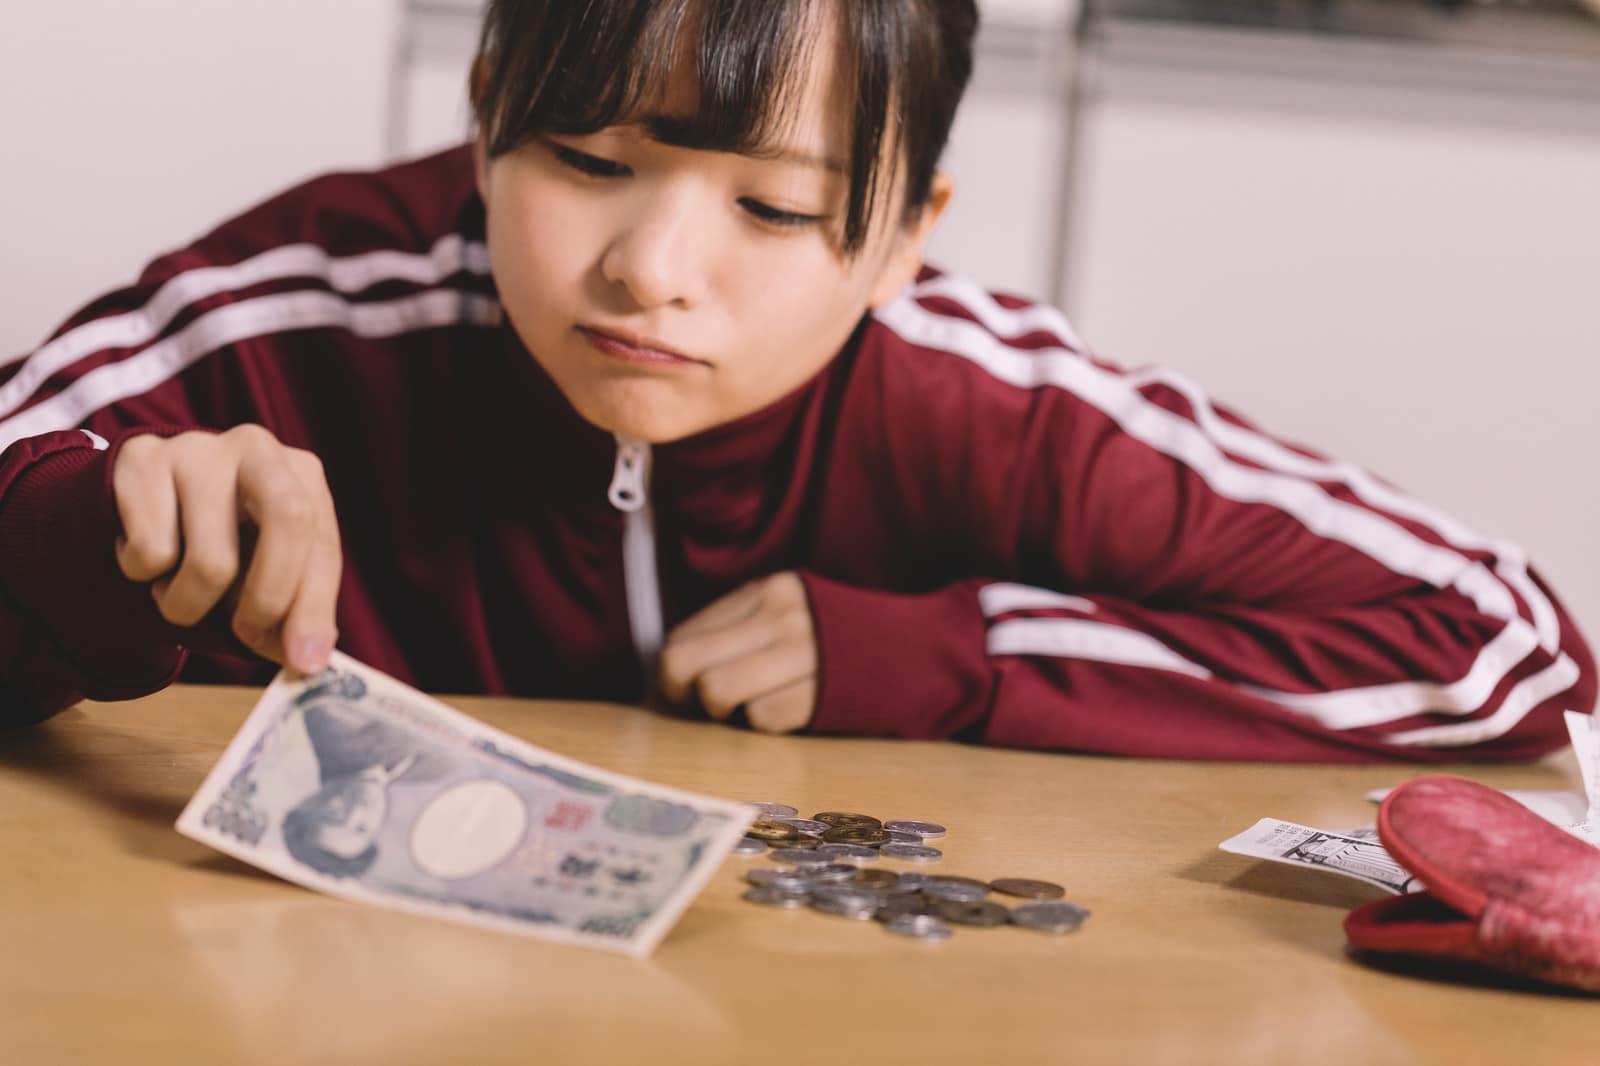 賢くお金を稼ぐ方法 コツ